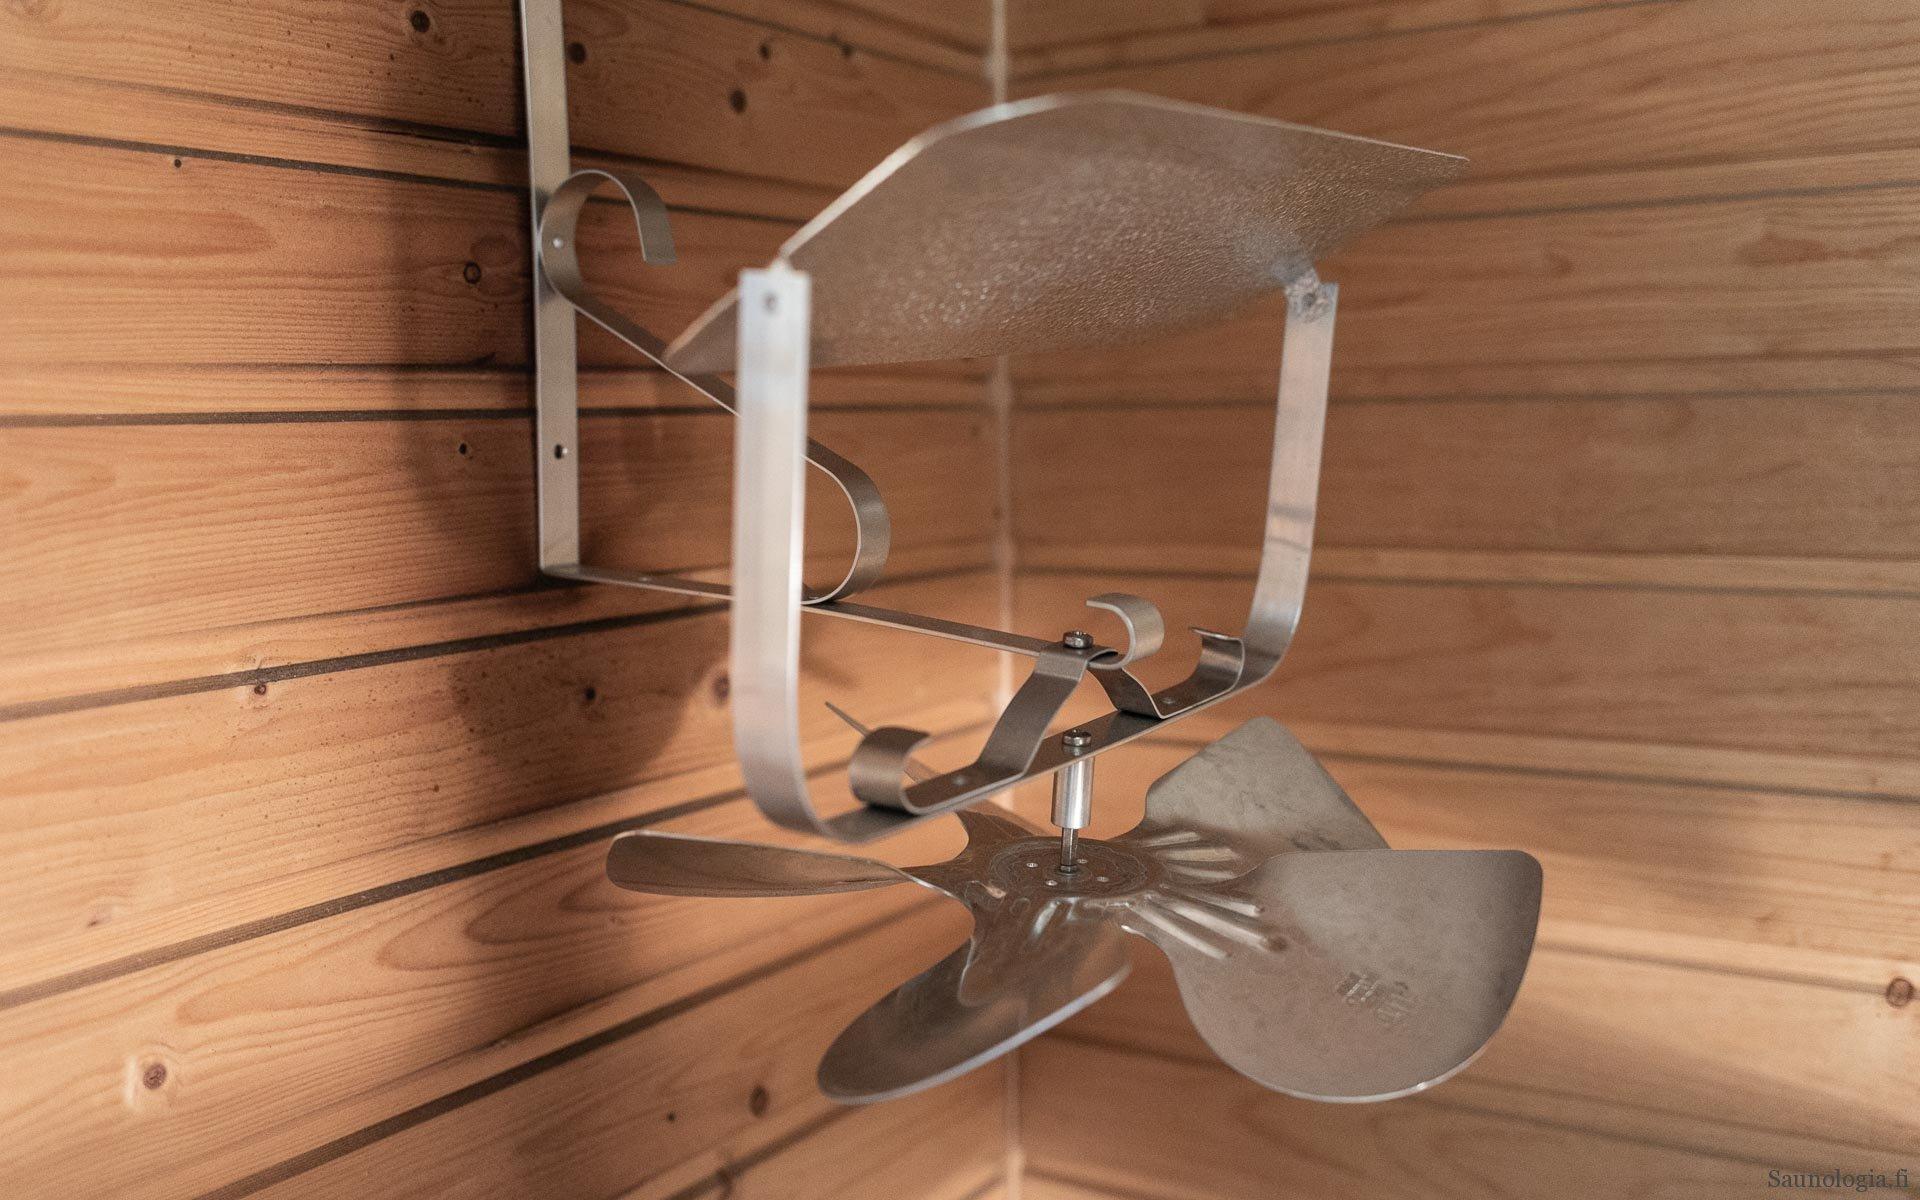 Pikatesti: Lempeät löylyt saunatuuletin turbo